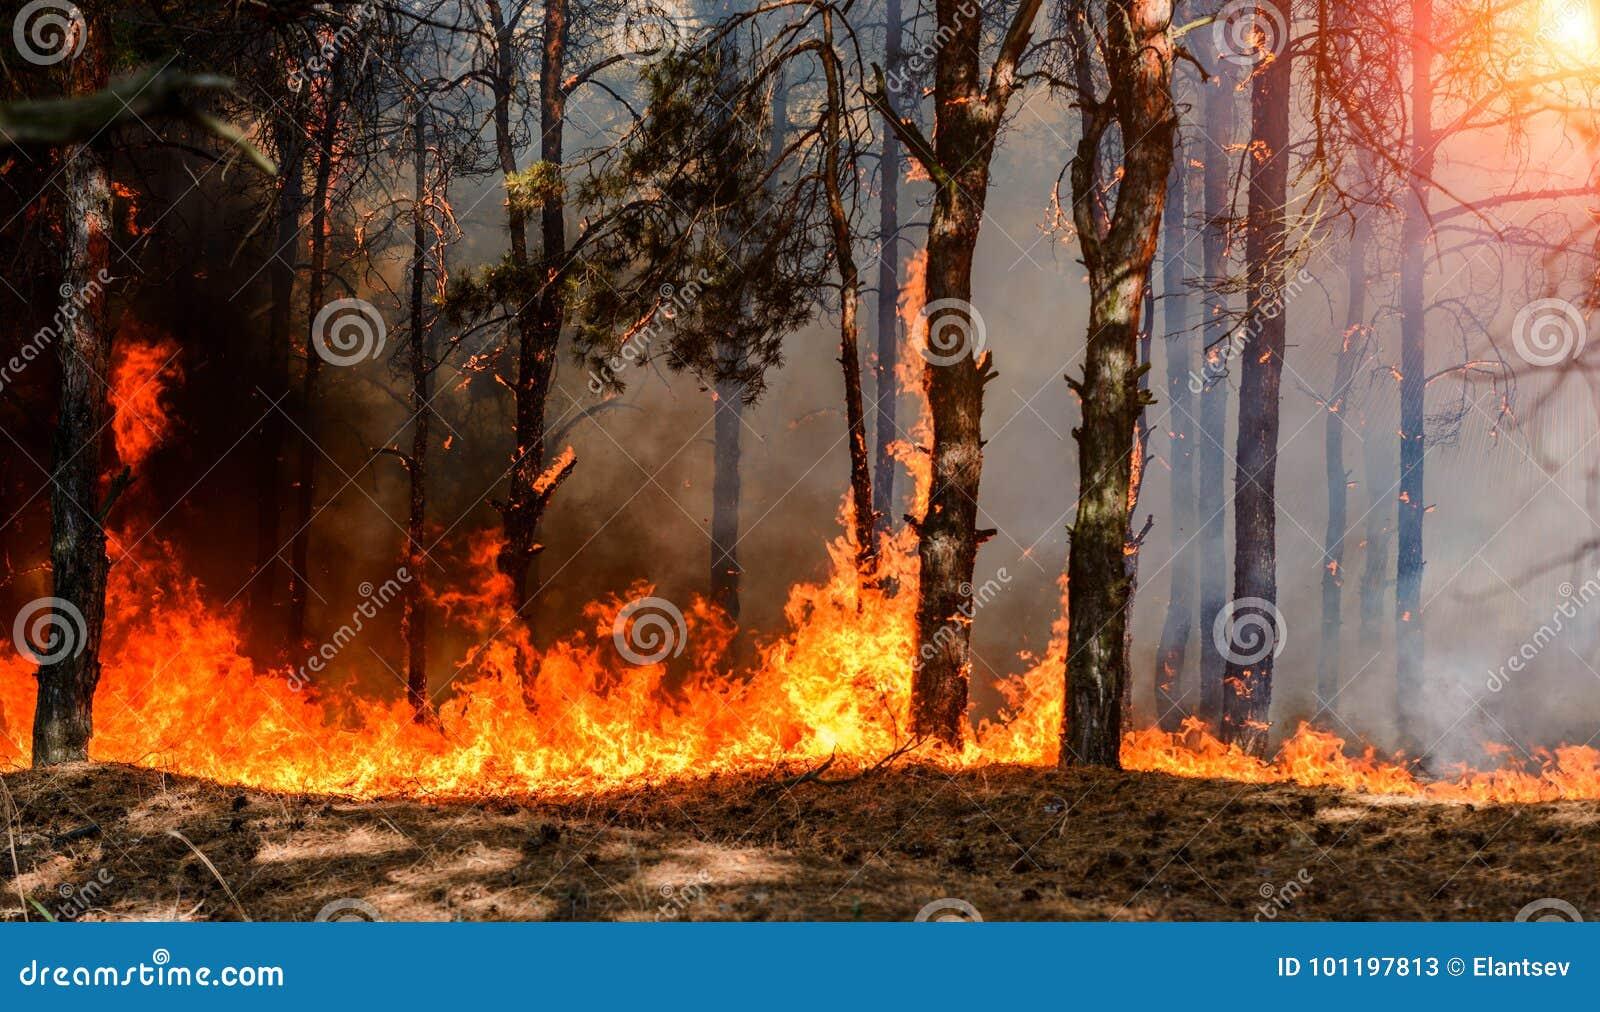 Forest Fire Brända träd efter löpeld, förorening och mycket rök